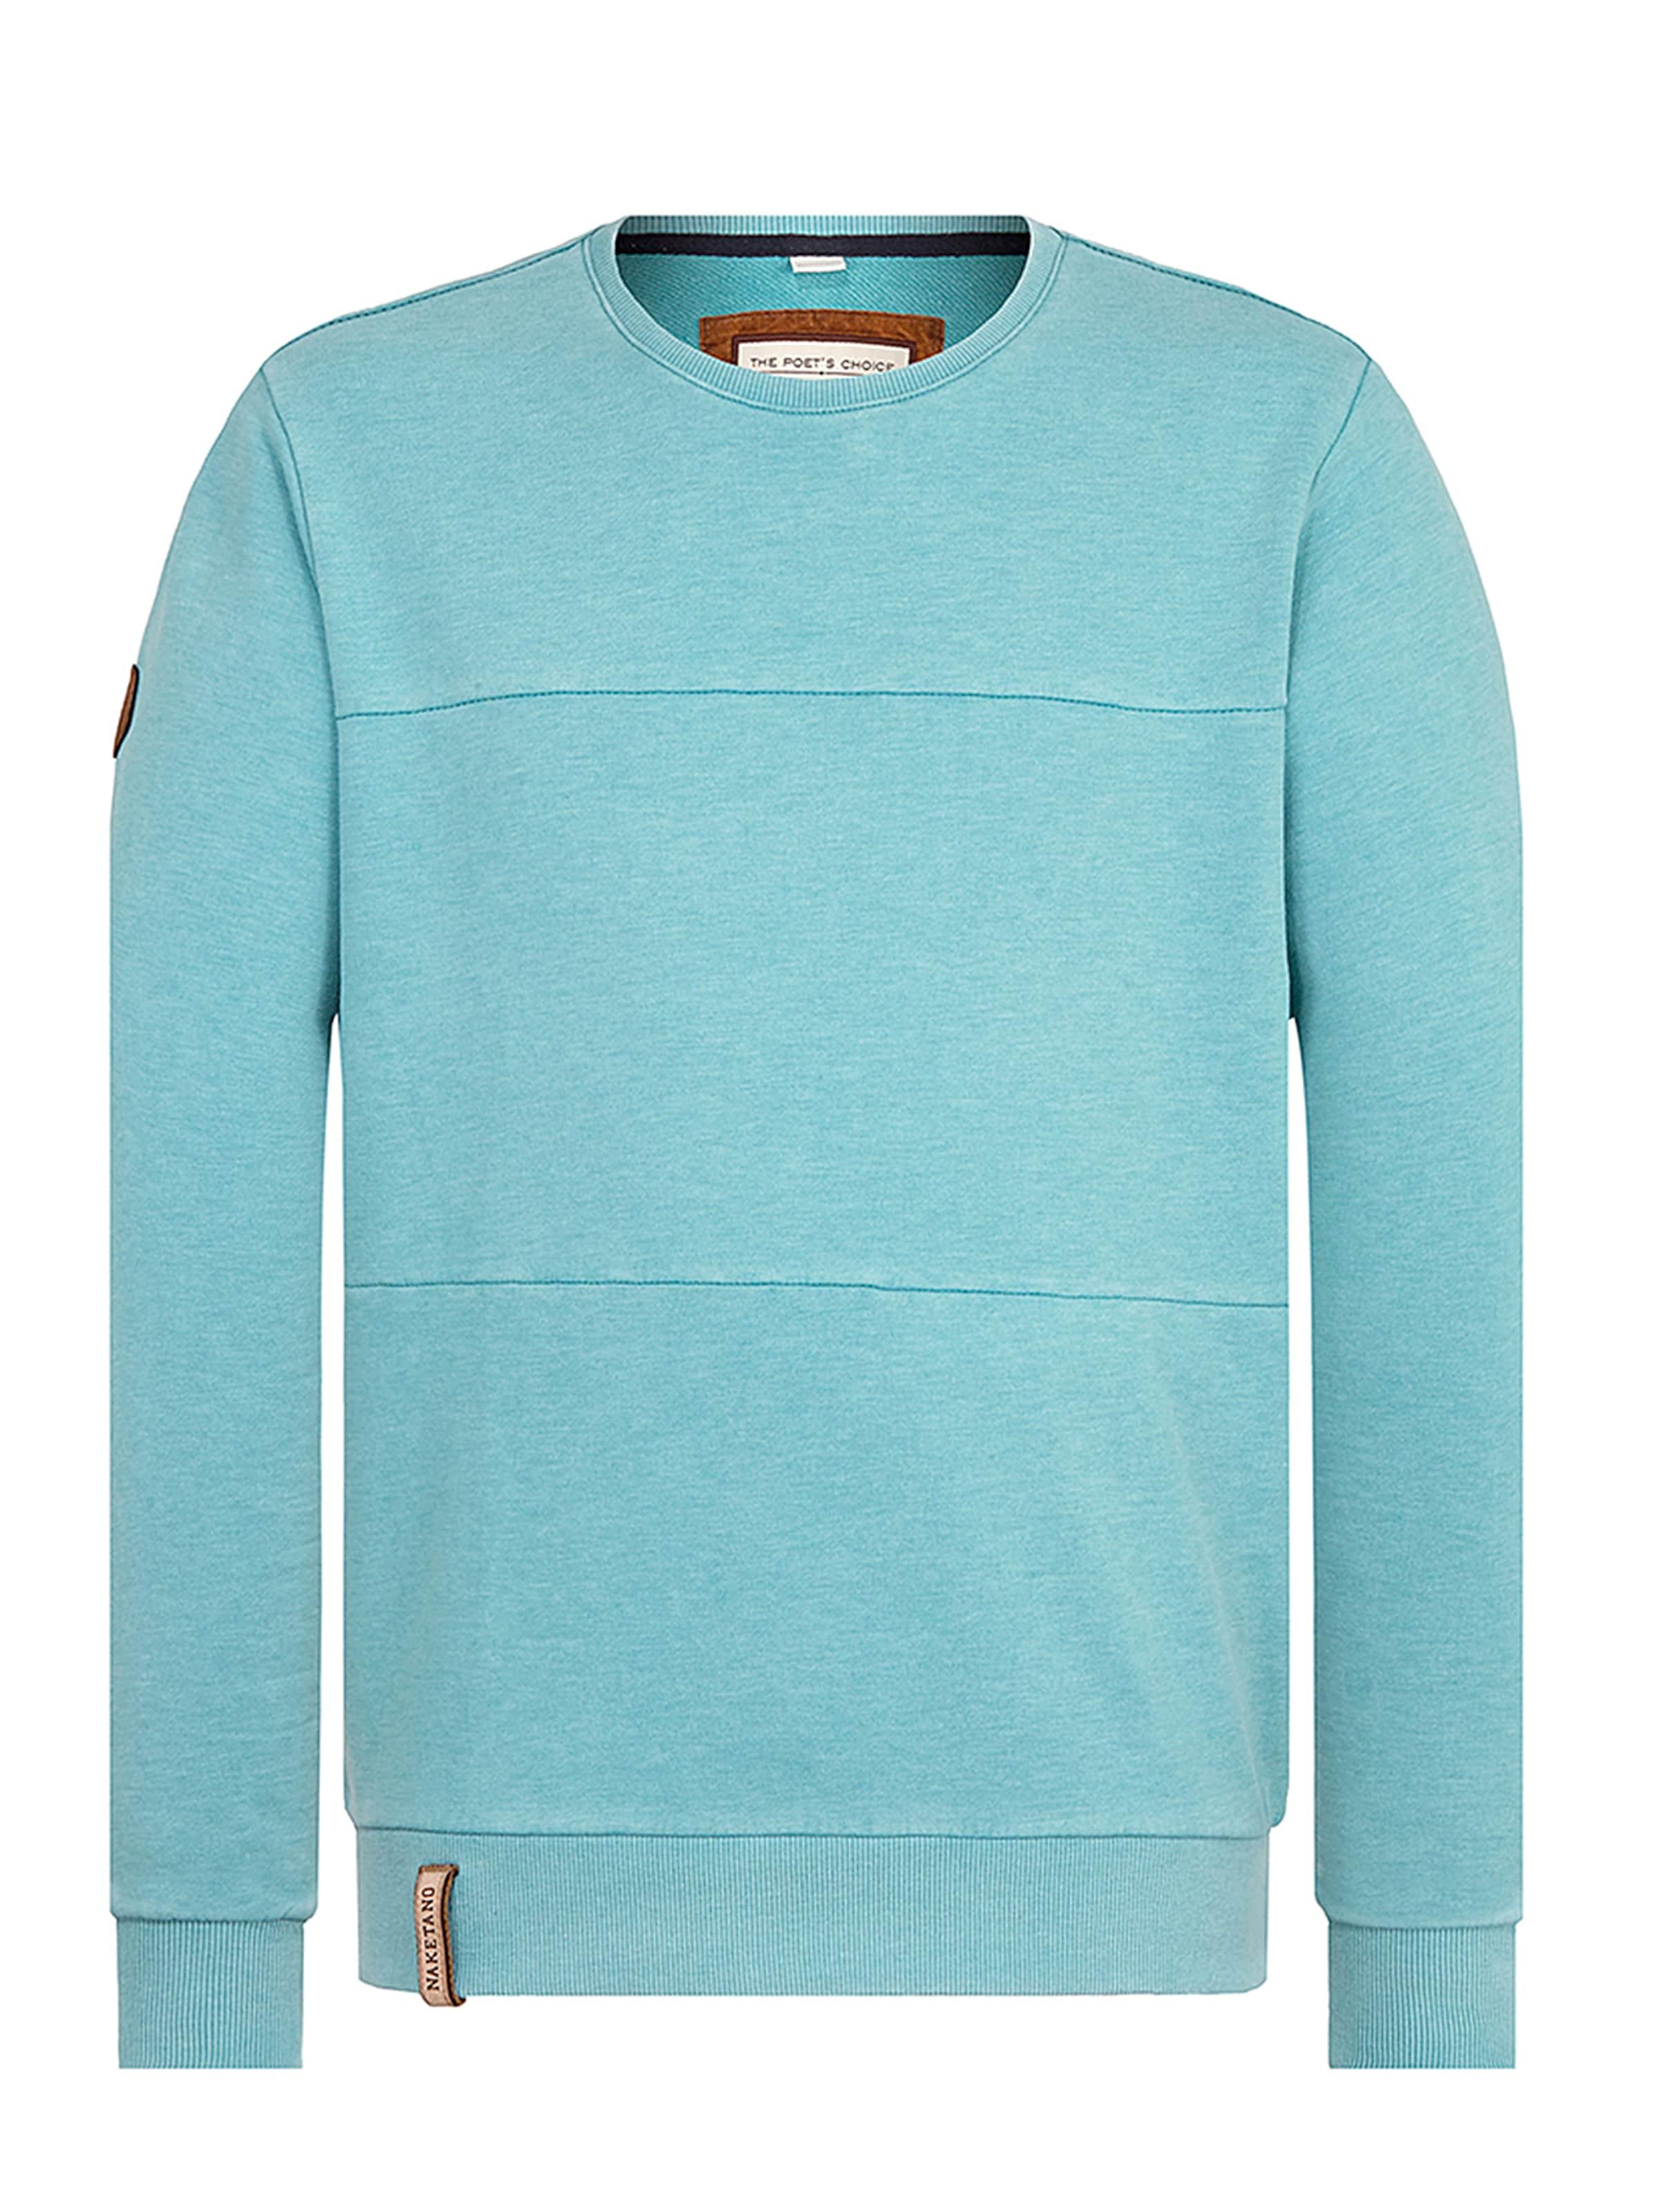 Hellblau Hellblau Naketano In Sweatshirt Sweatshirt Naketano Hellblau Sweatshirt In In Naketano Naketano NwnmvO80